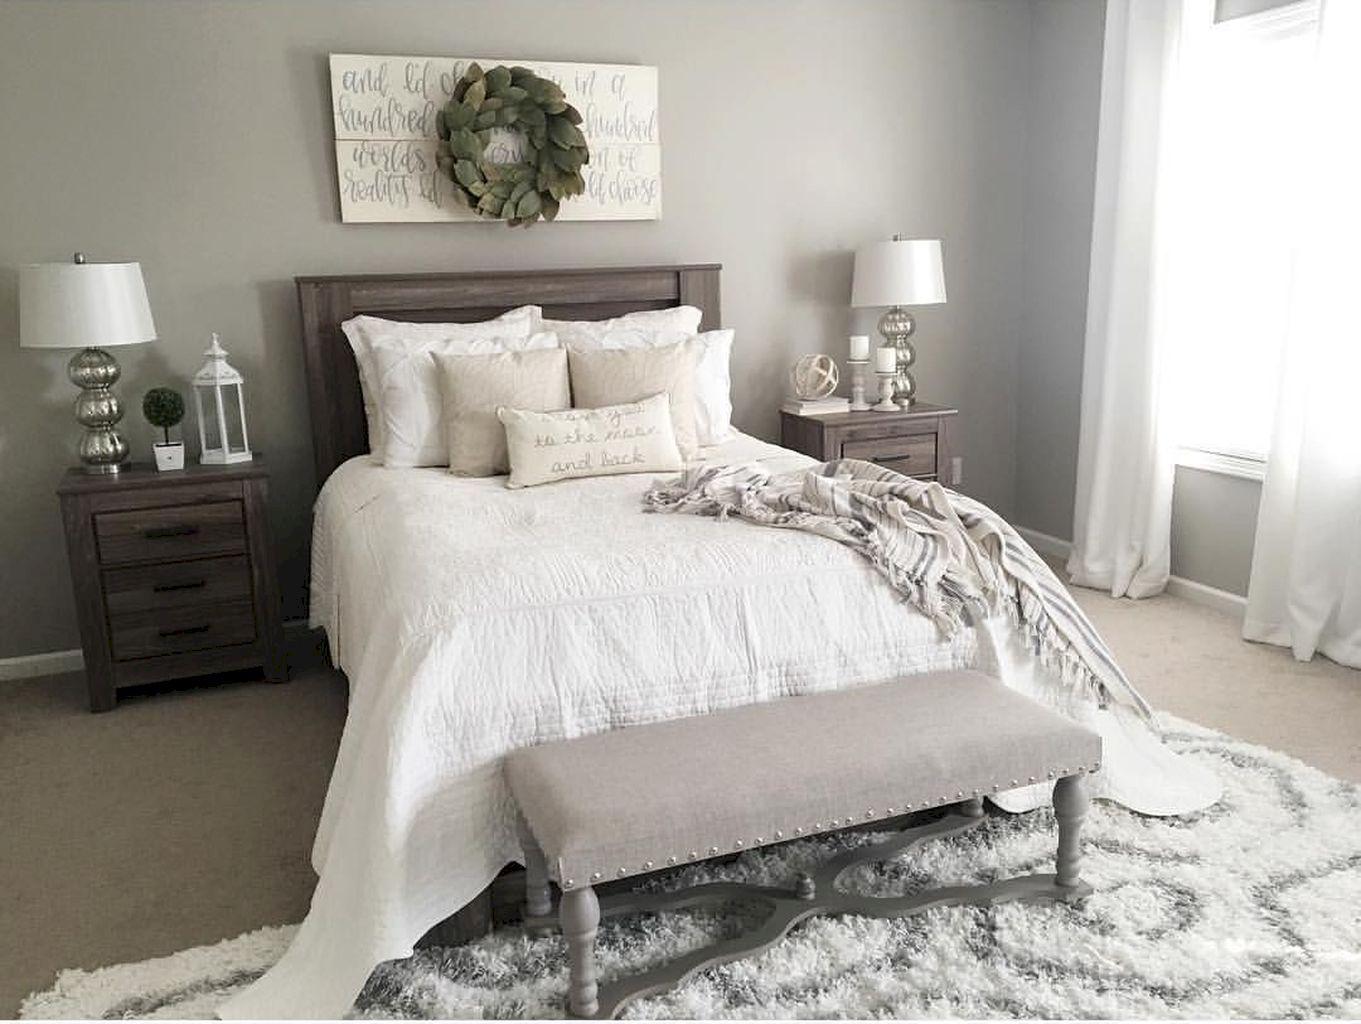 70 Cool Modern Farmhouse Bedroom Decor Ideas Bedroom Farmhouse Modern Farmhouse Style Master Bedroom Small Master Bedroom Master Bedroom Colors